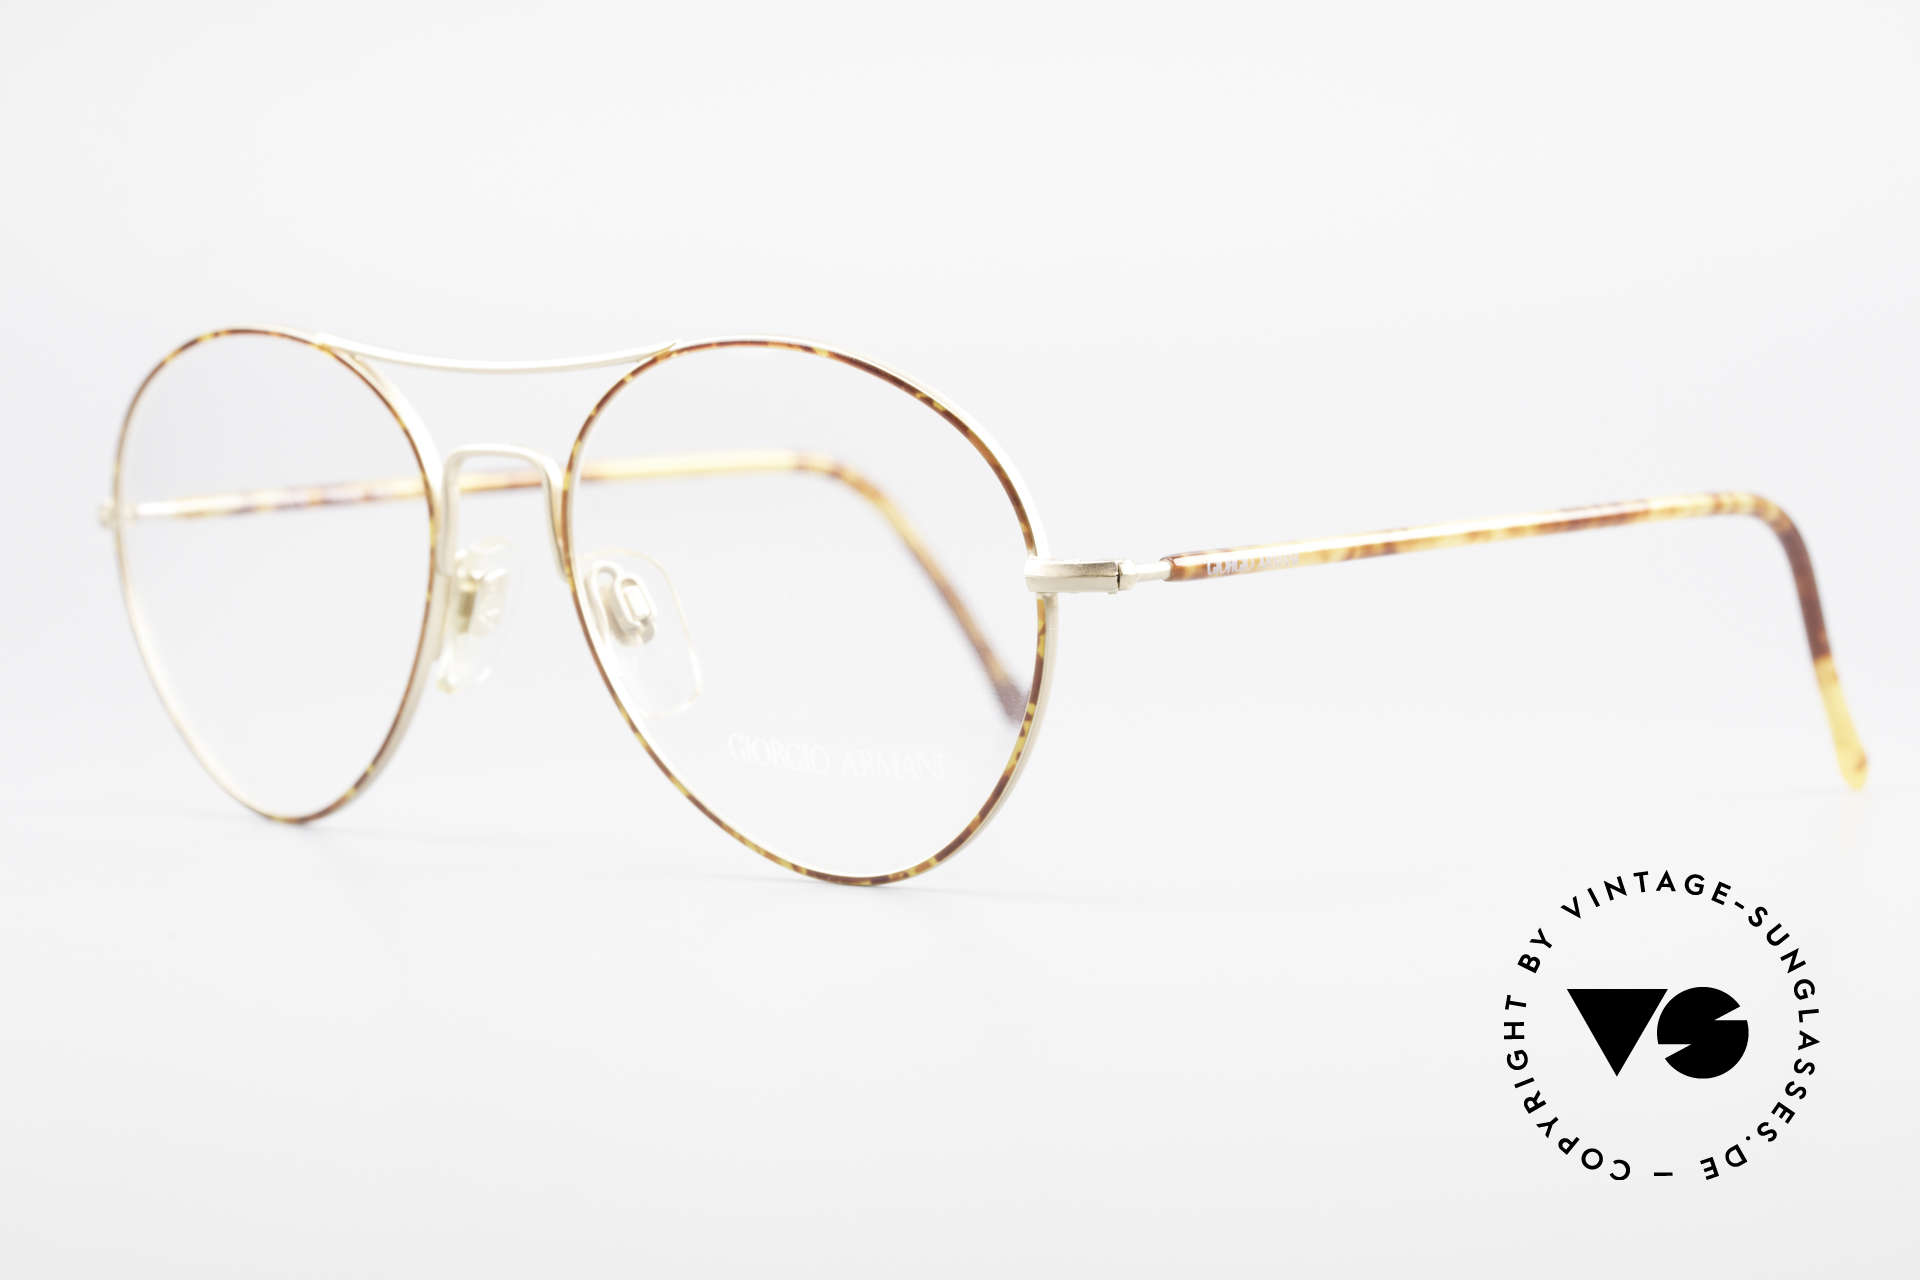 Giorgio Armani 120 Vintage Aviator Brille Herren, leichtgewichtiges Material und orig. Demo-Gläser, Passend für Herren